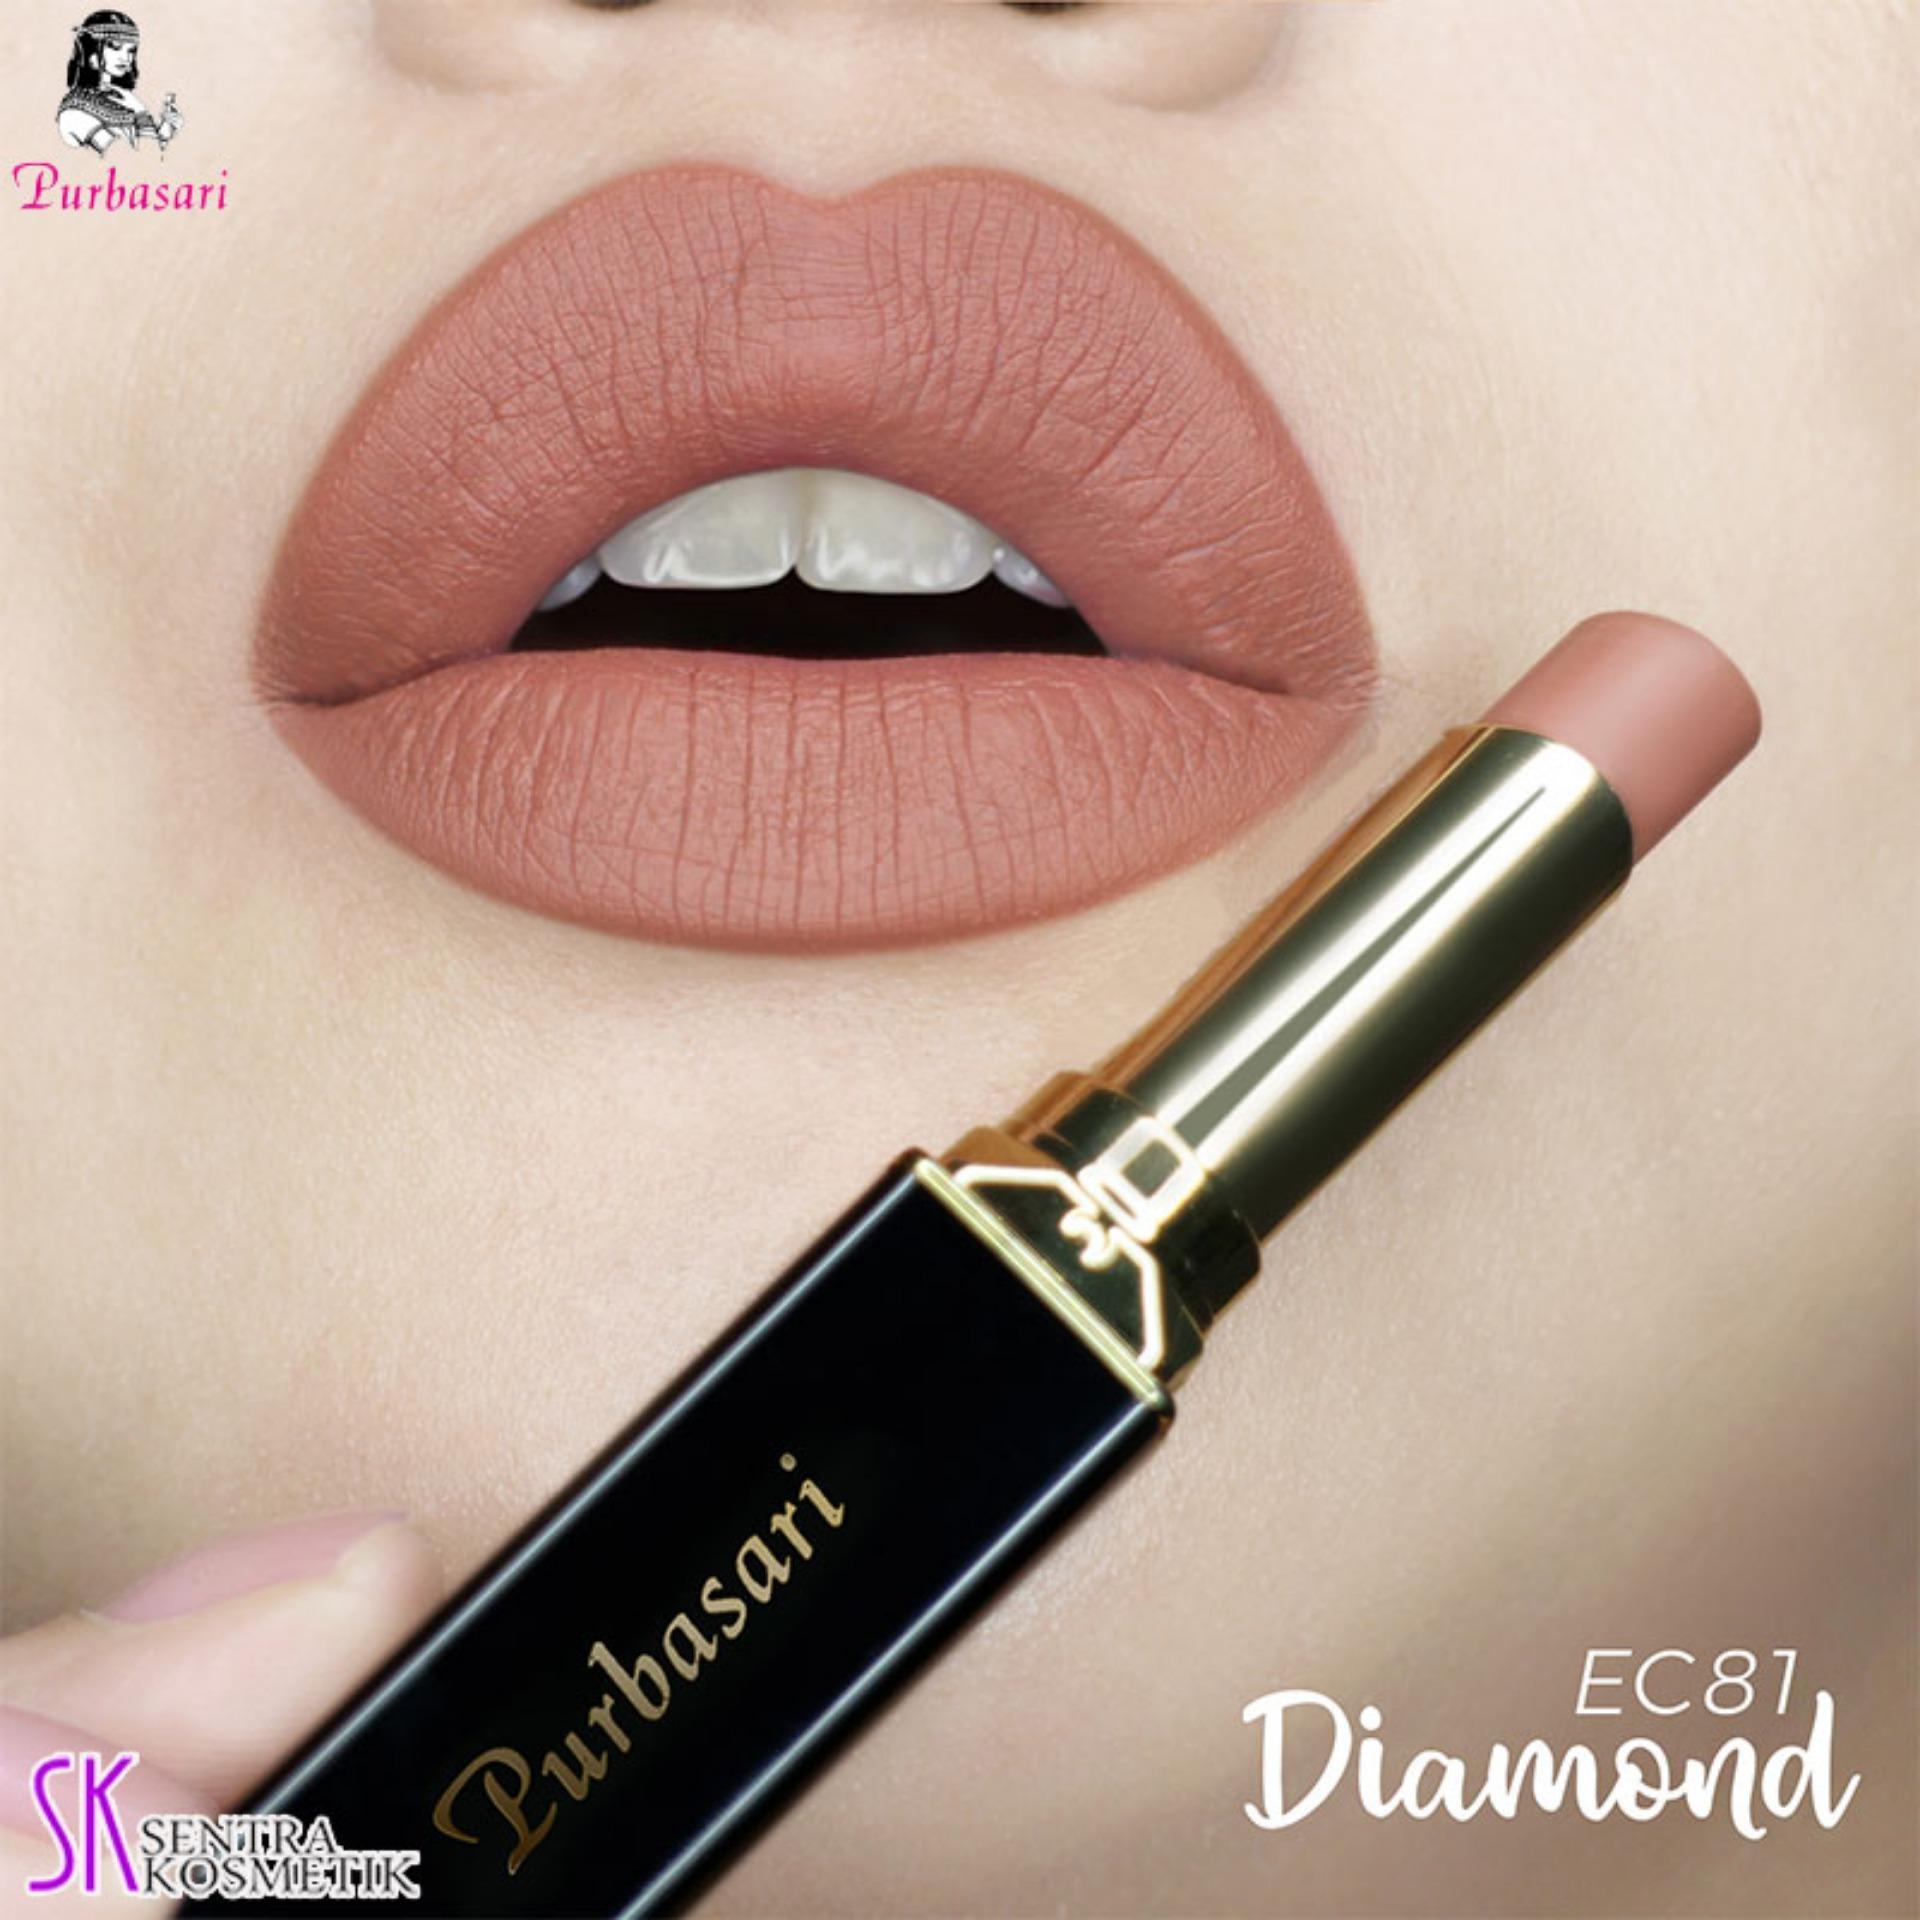 Purbasari Lipstick Collor Matte 81 DIAMOND